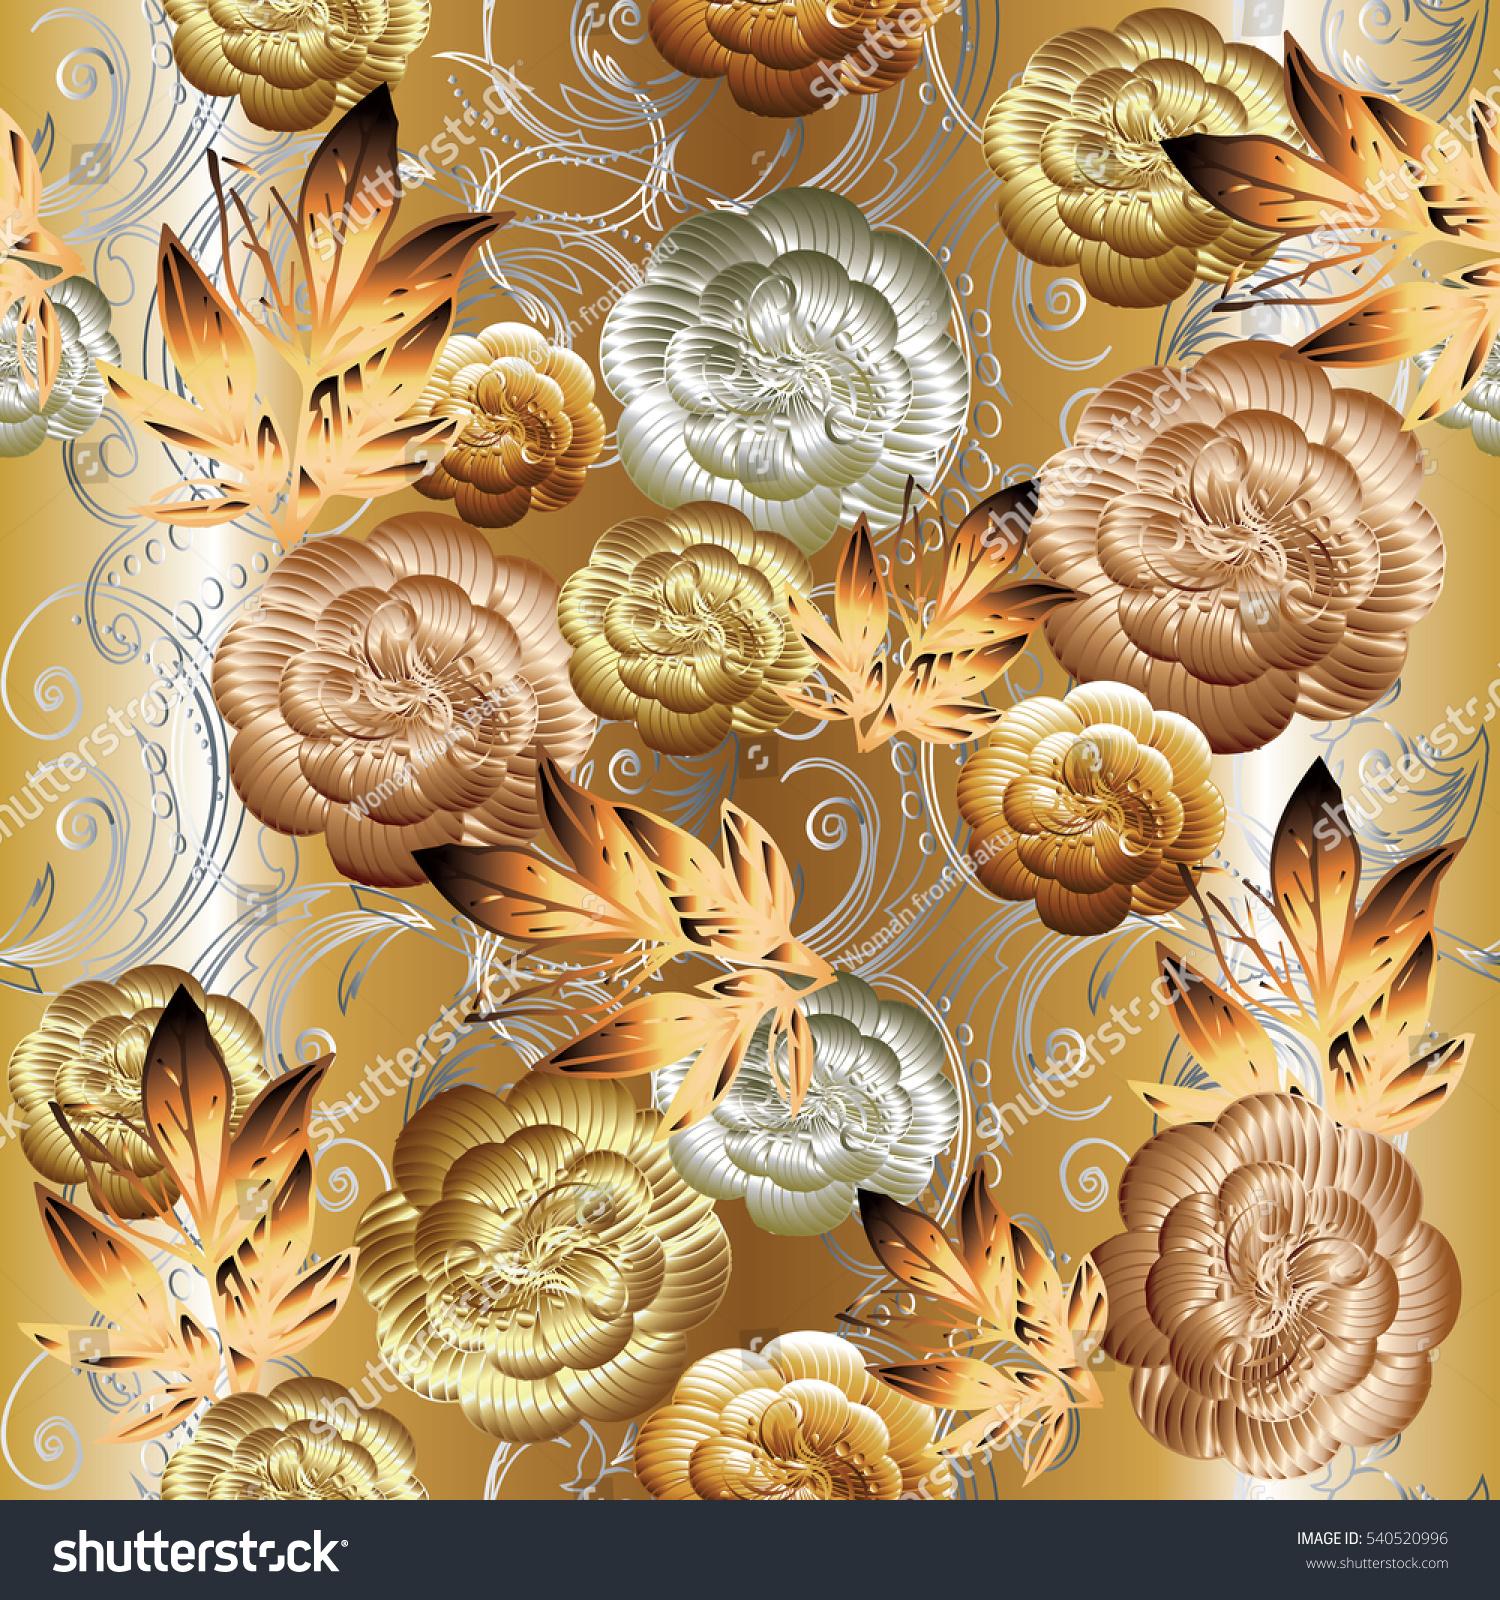 Shutterstock 3d wallpaper